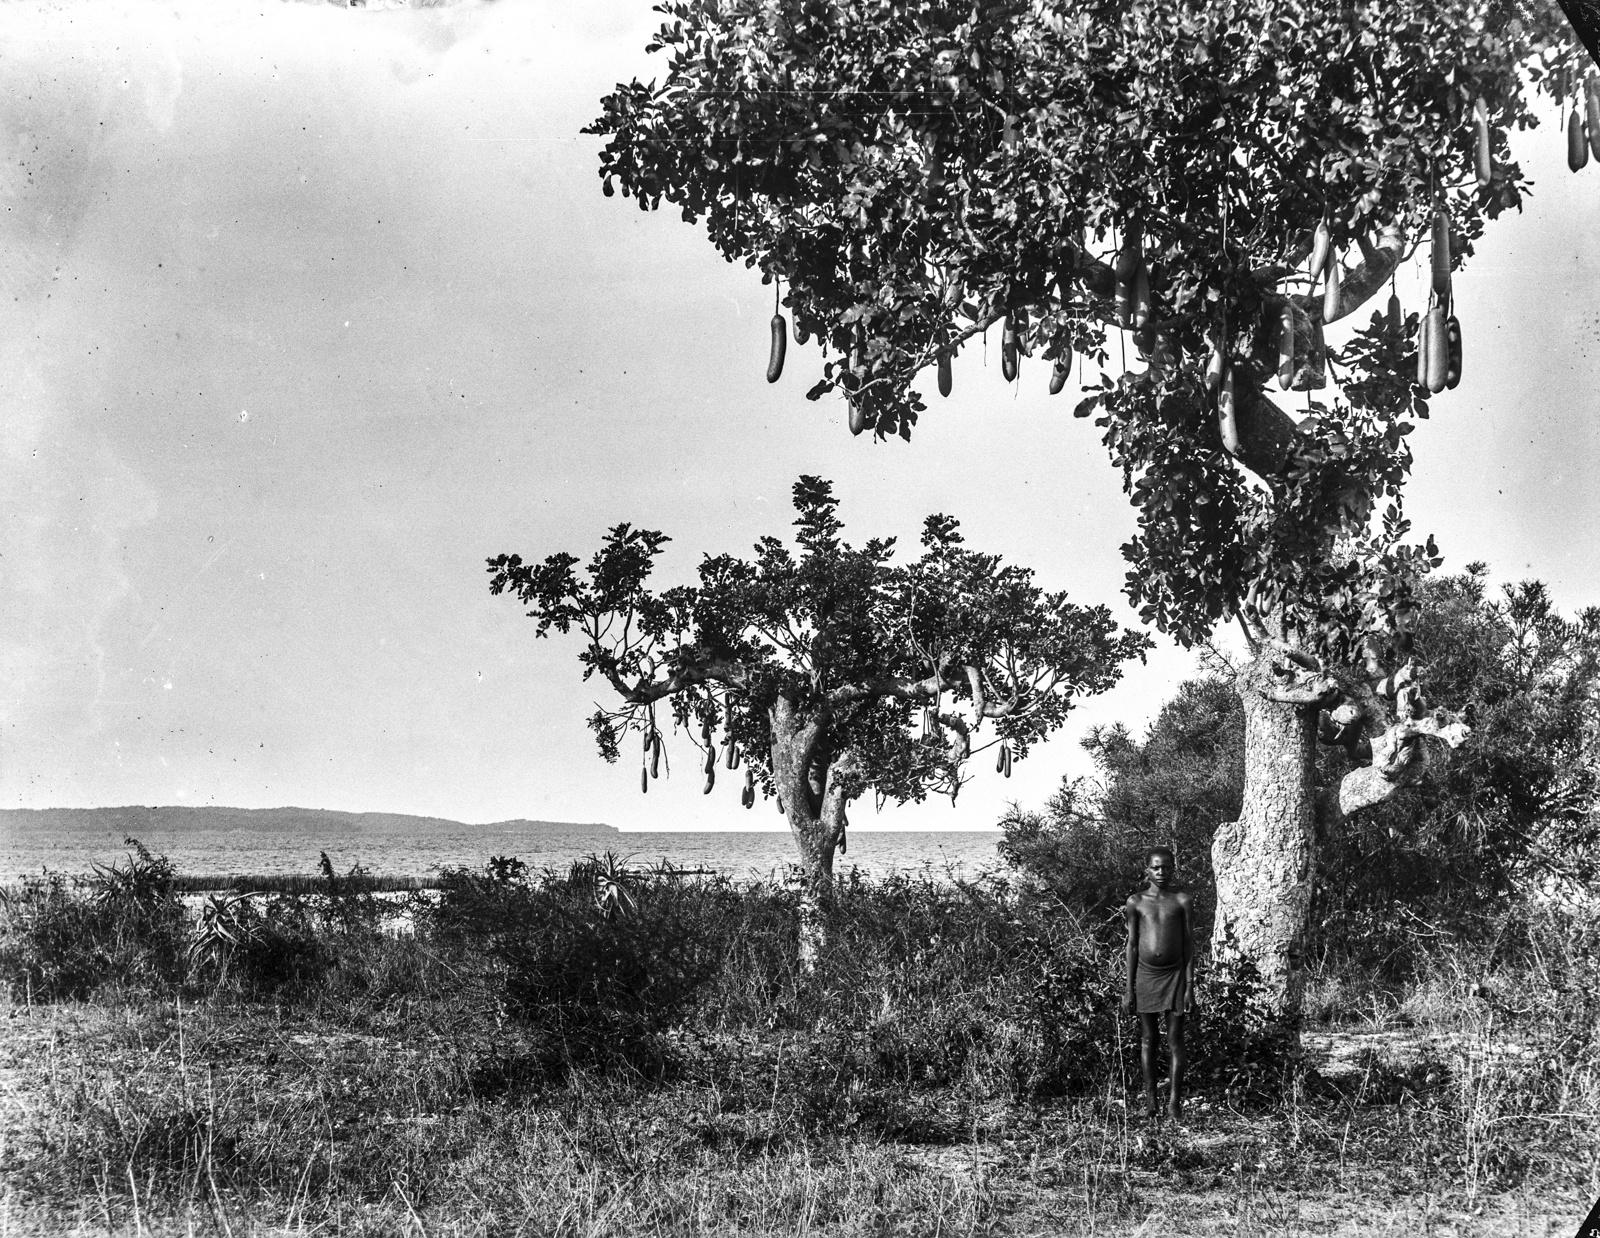 165. Два Колбасных дерева (Kigelia africana) возле озера Виктория